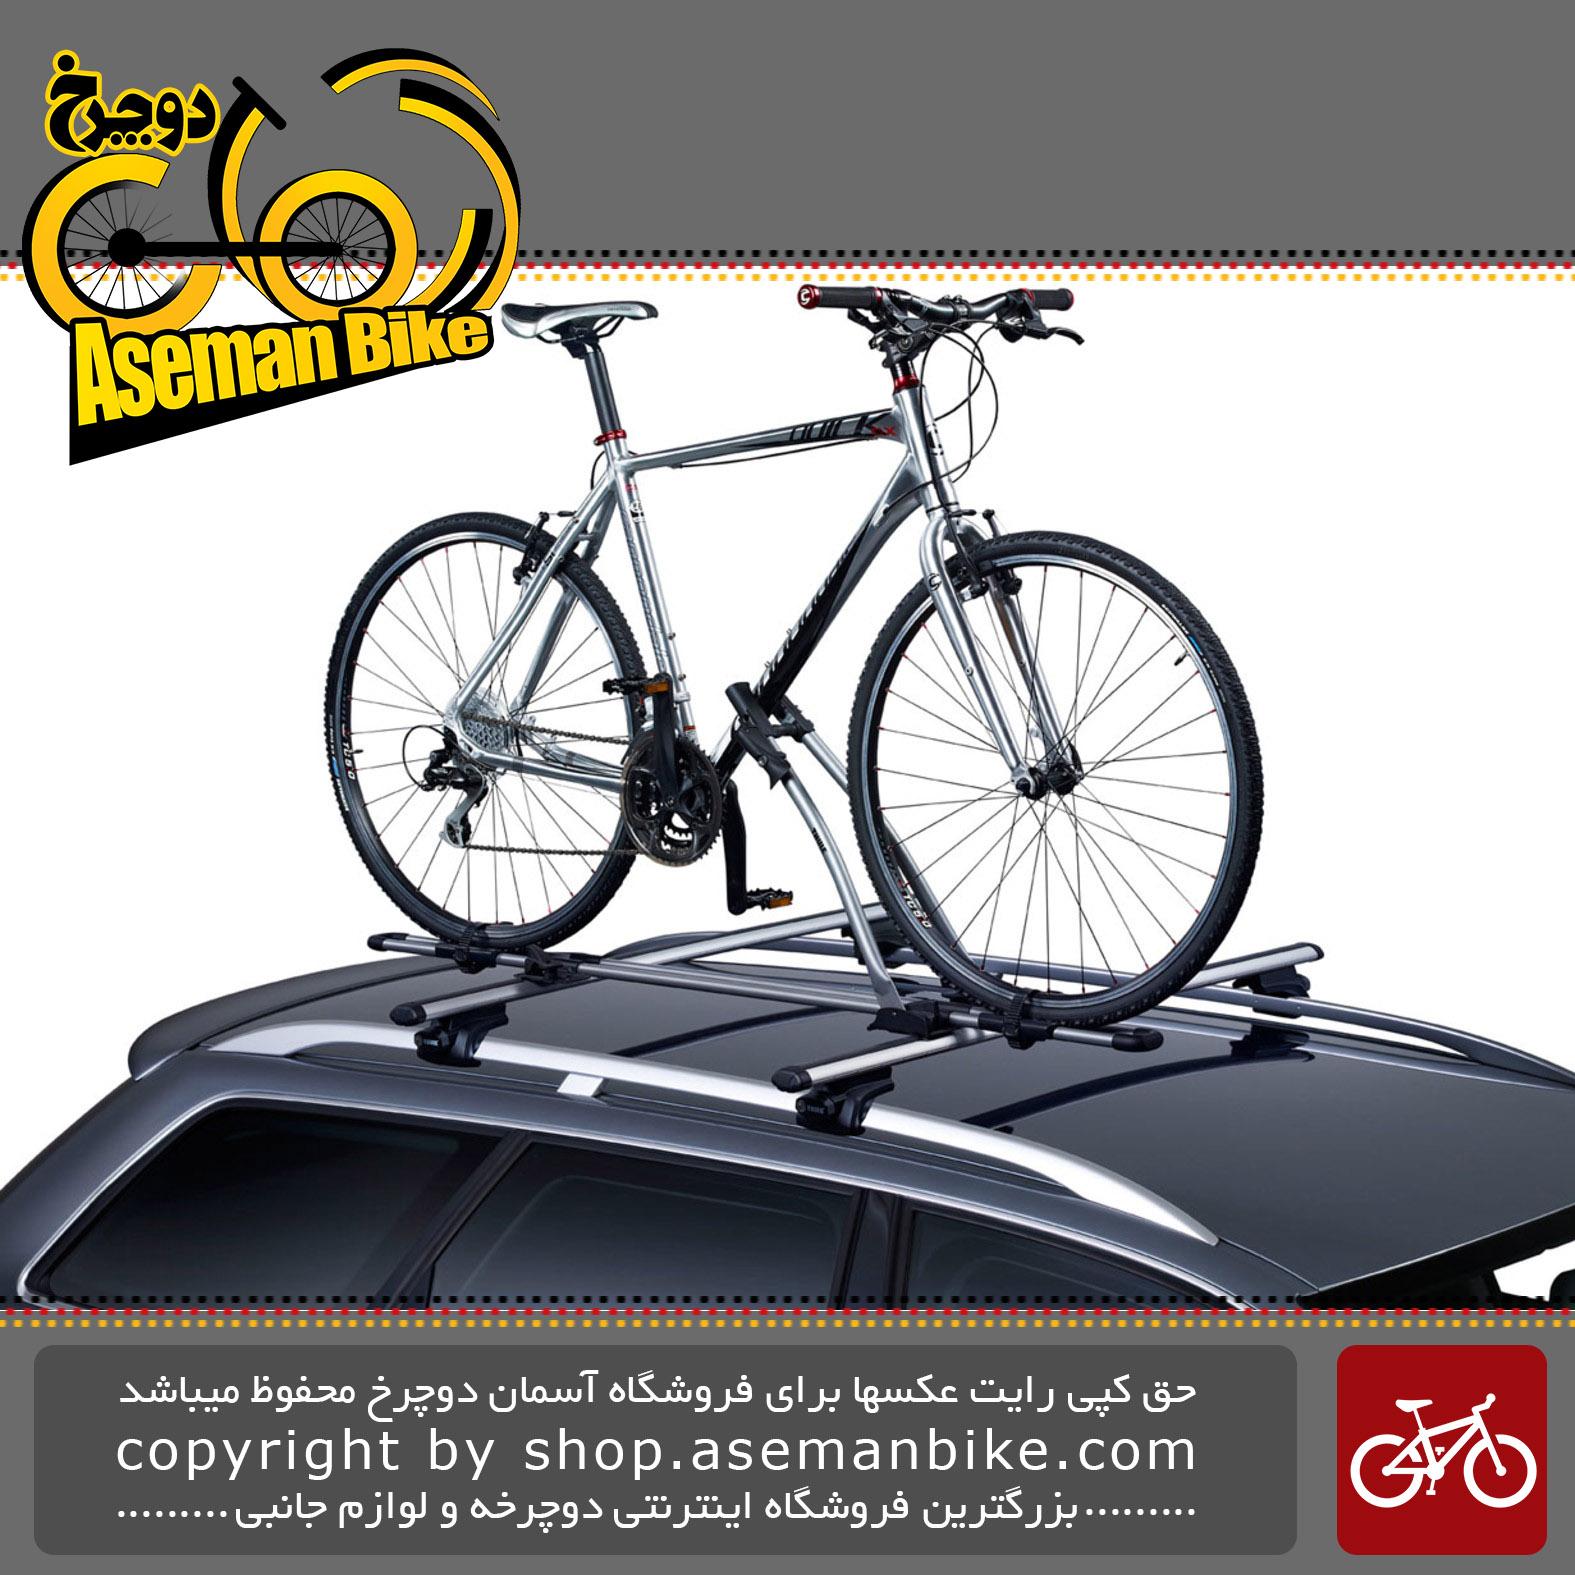 باربند تول سقفی مخصوص حمل دوچرخه مدل فری راید Thule FreeRide